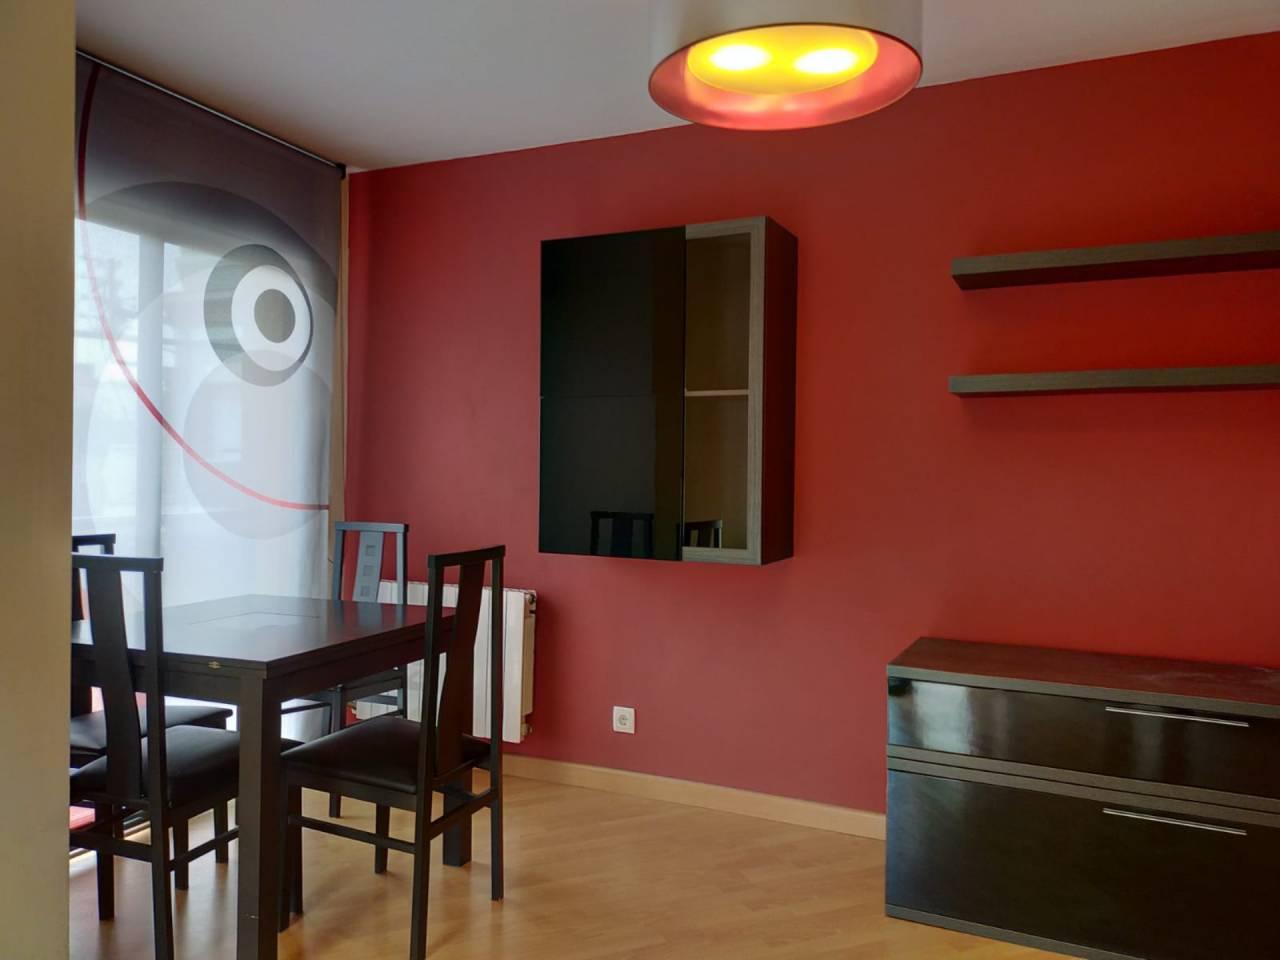 Lloguer Pis  Sant vicenç de castellet. Bonito piso en alquiler en sant vicenç de castellet, tiene 55 m²